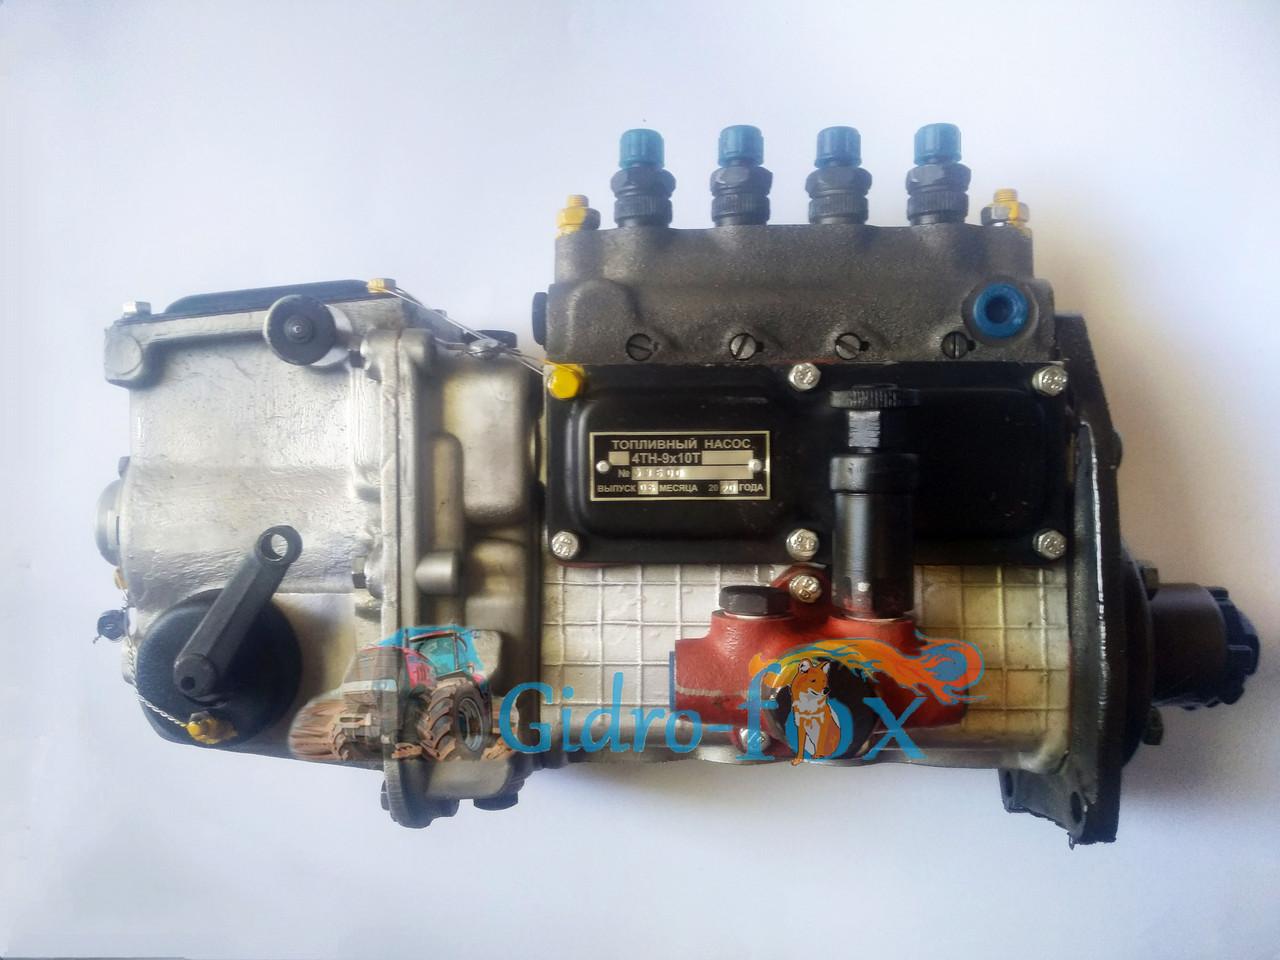 Топливный насос (топливная аппаратура) ТНВД А-41, ДТ-75 Кт.Н. 41-16С1А, 4ТН-9х10Т, 1242-16С1